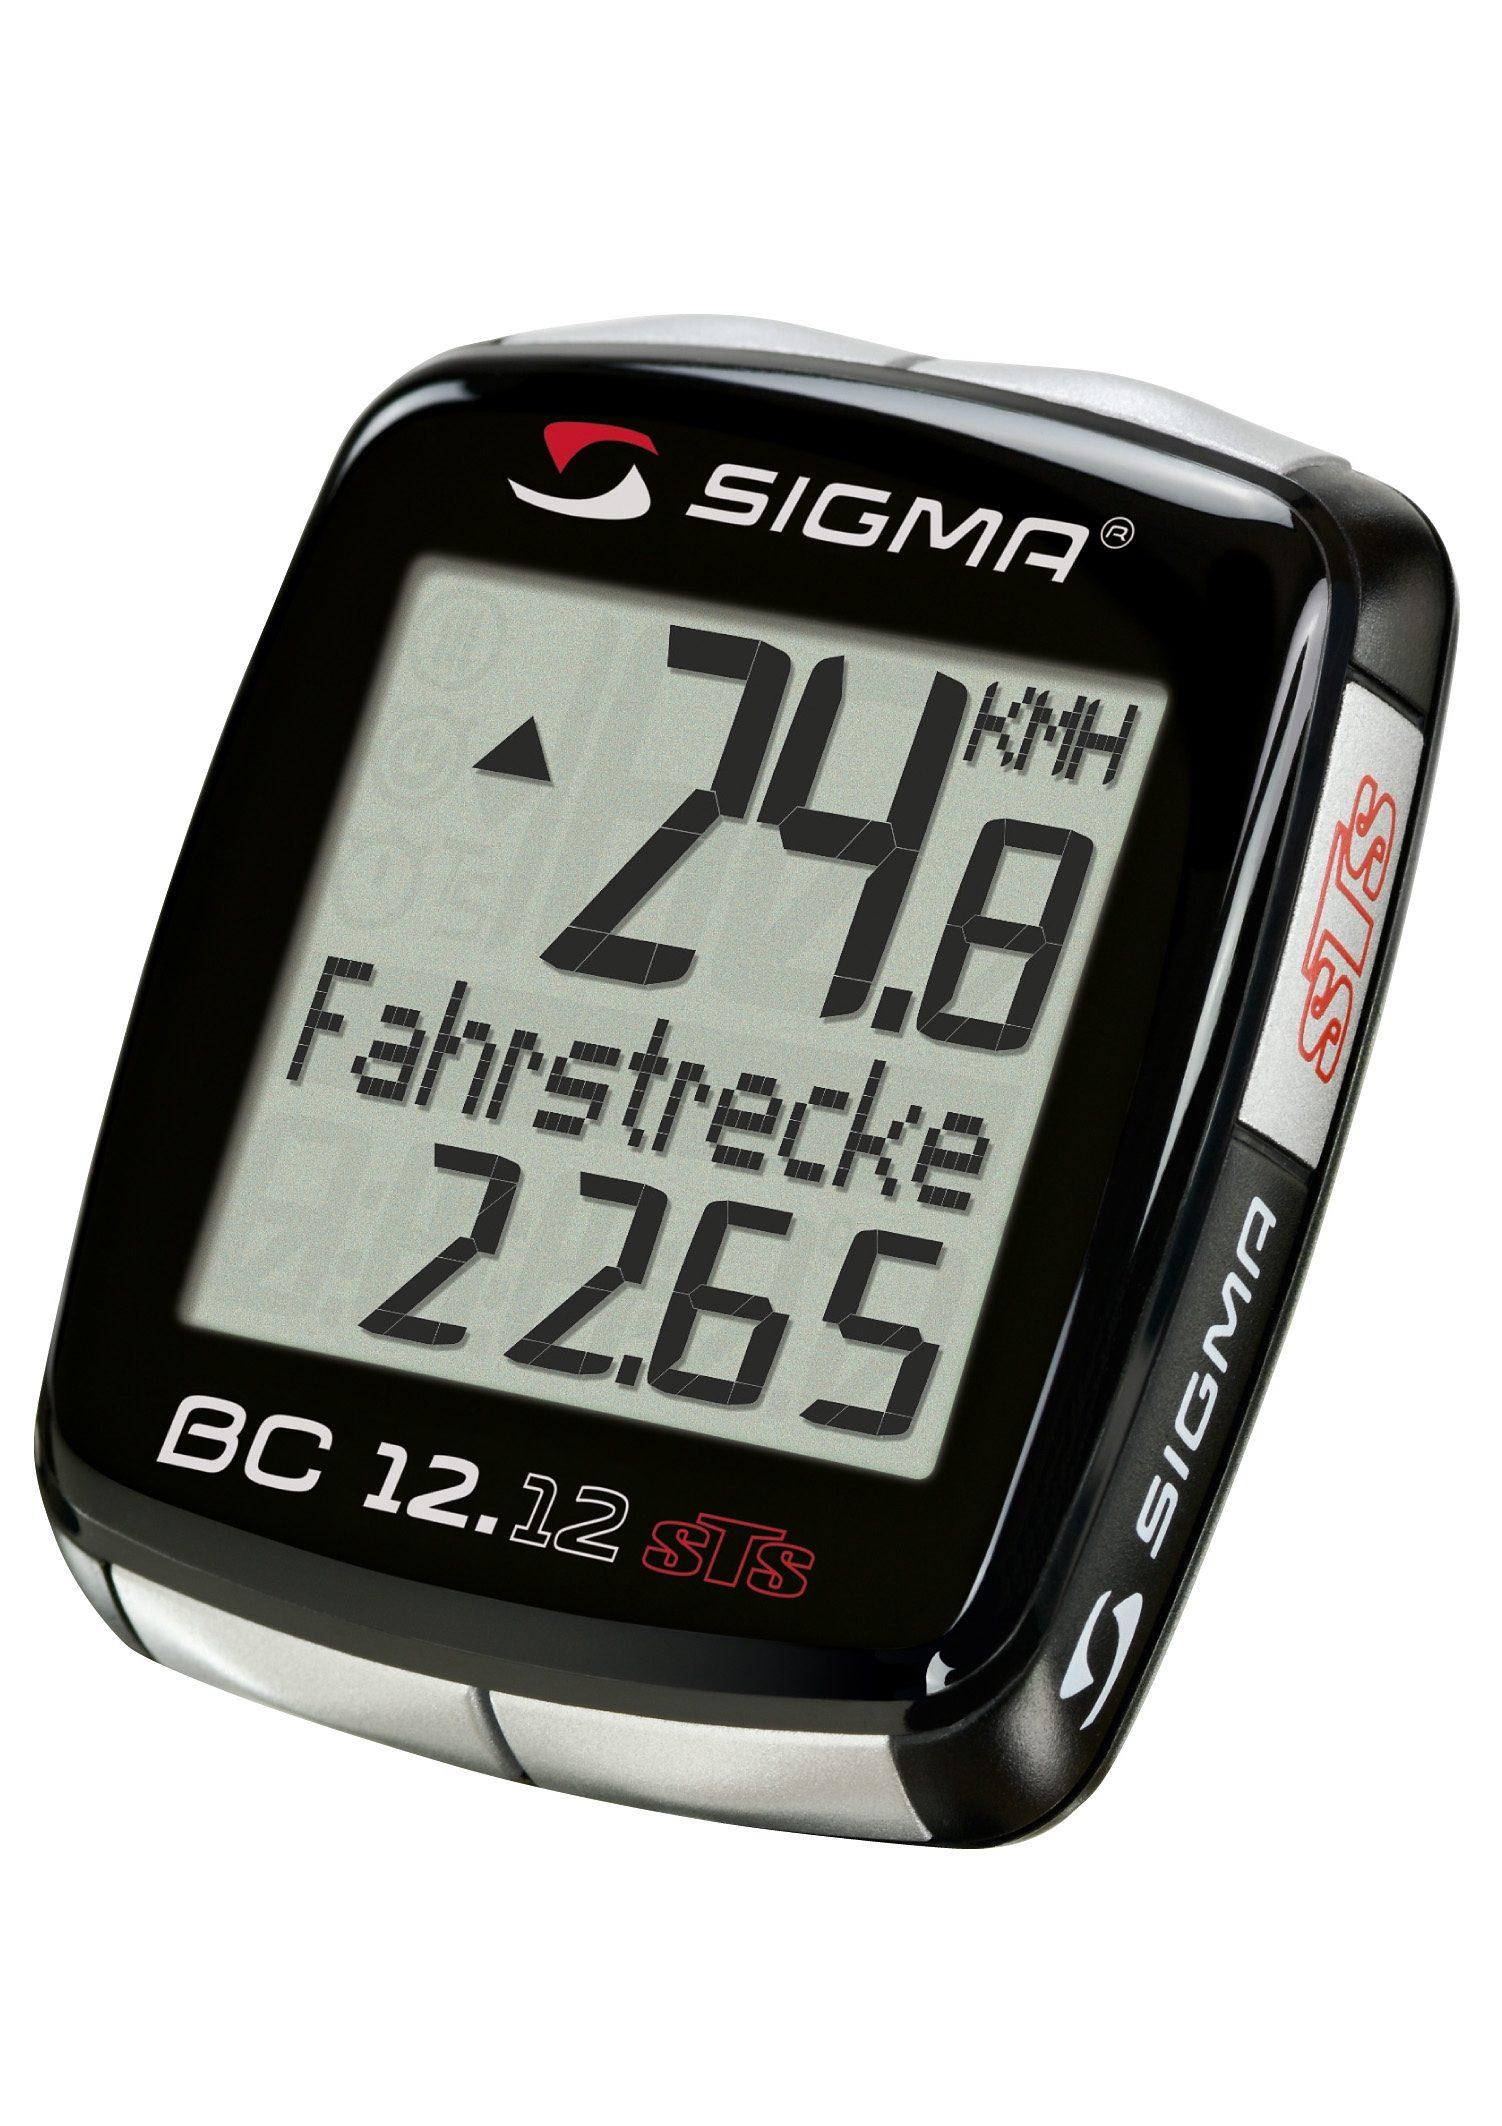 Sigma Sport Fahrradcomputer, kabellos, schwarz, »Topline 2012 BC 12.12 STS«